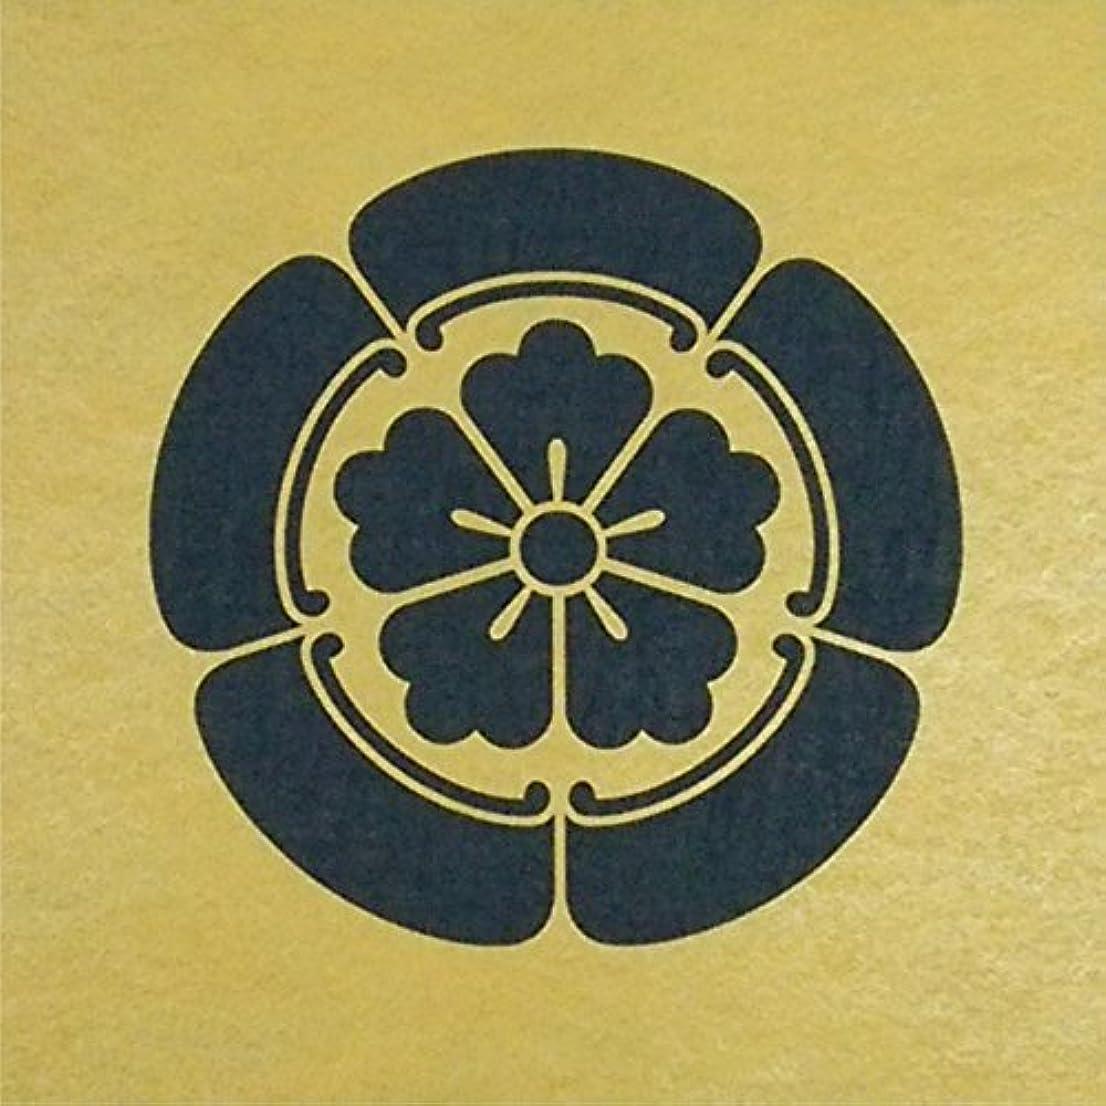 フォルダ選ぶ生ステンシルシート 織田瓜 家紋 3サイズ型紙  (10cm)